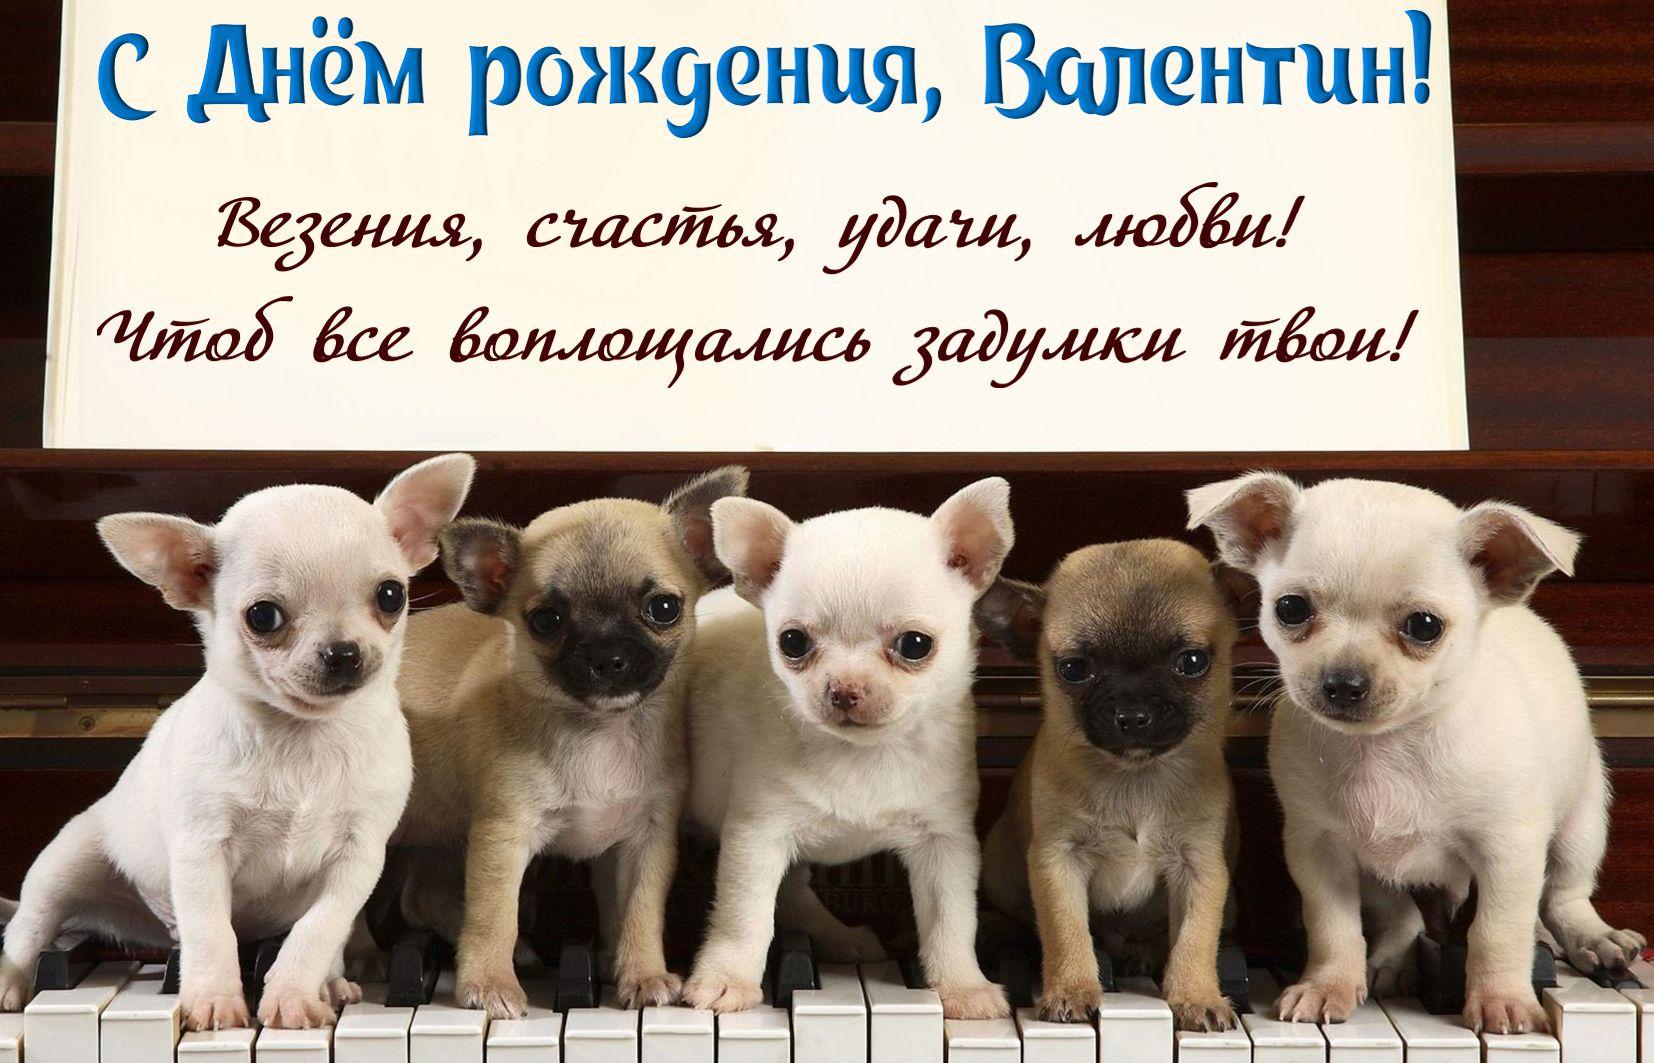 Открытка на День рождения Валентину - милые собачки на клавишах пианино